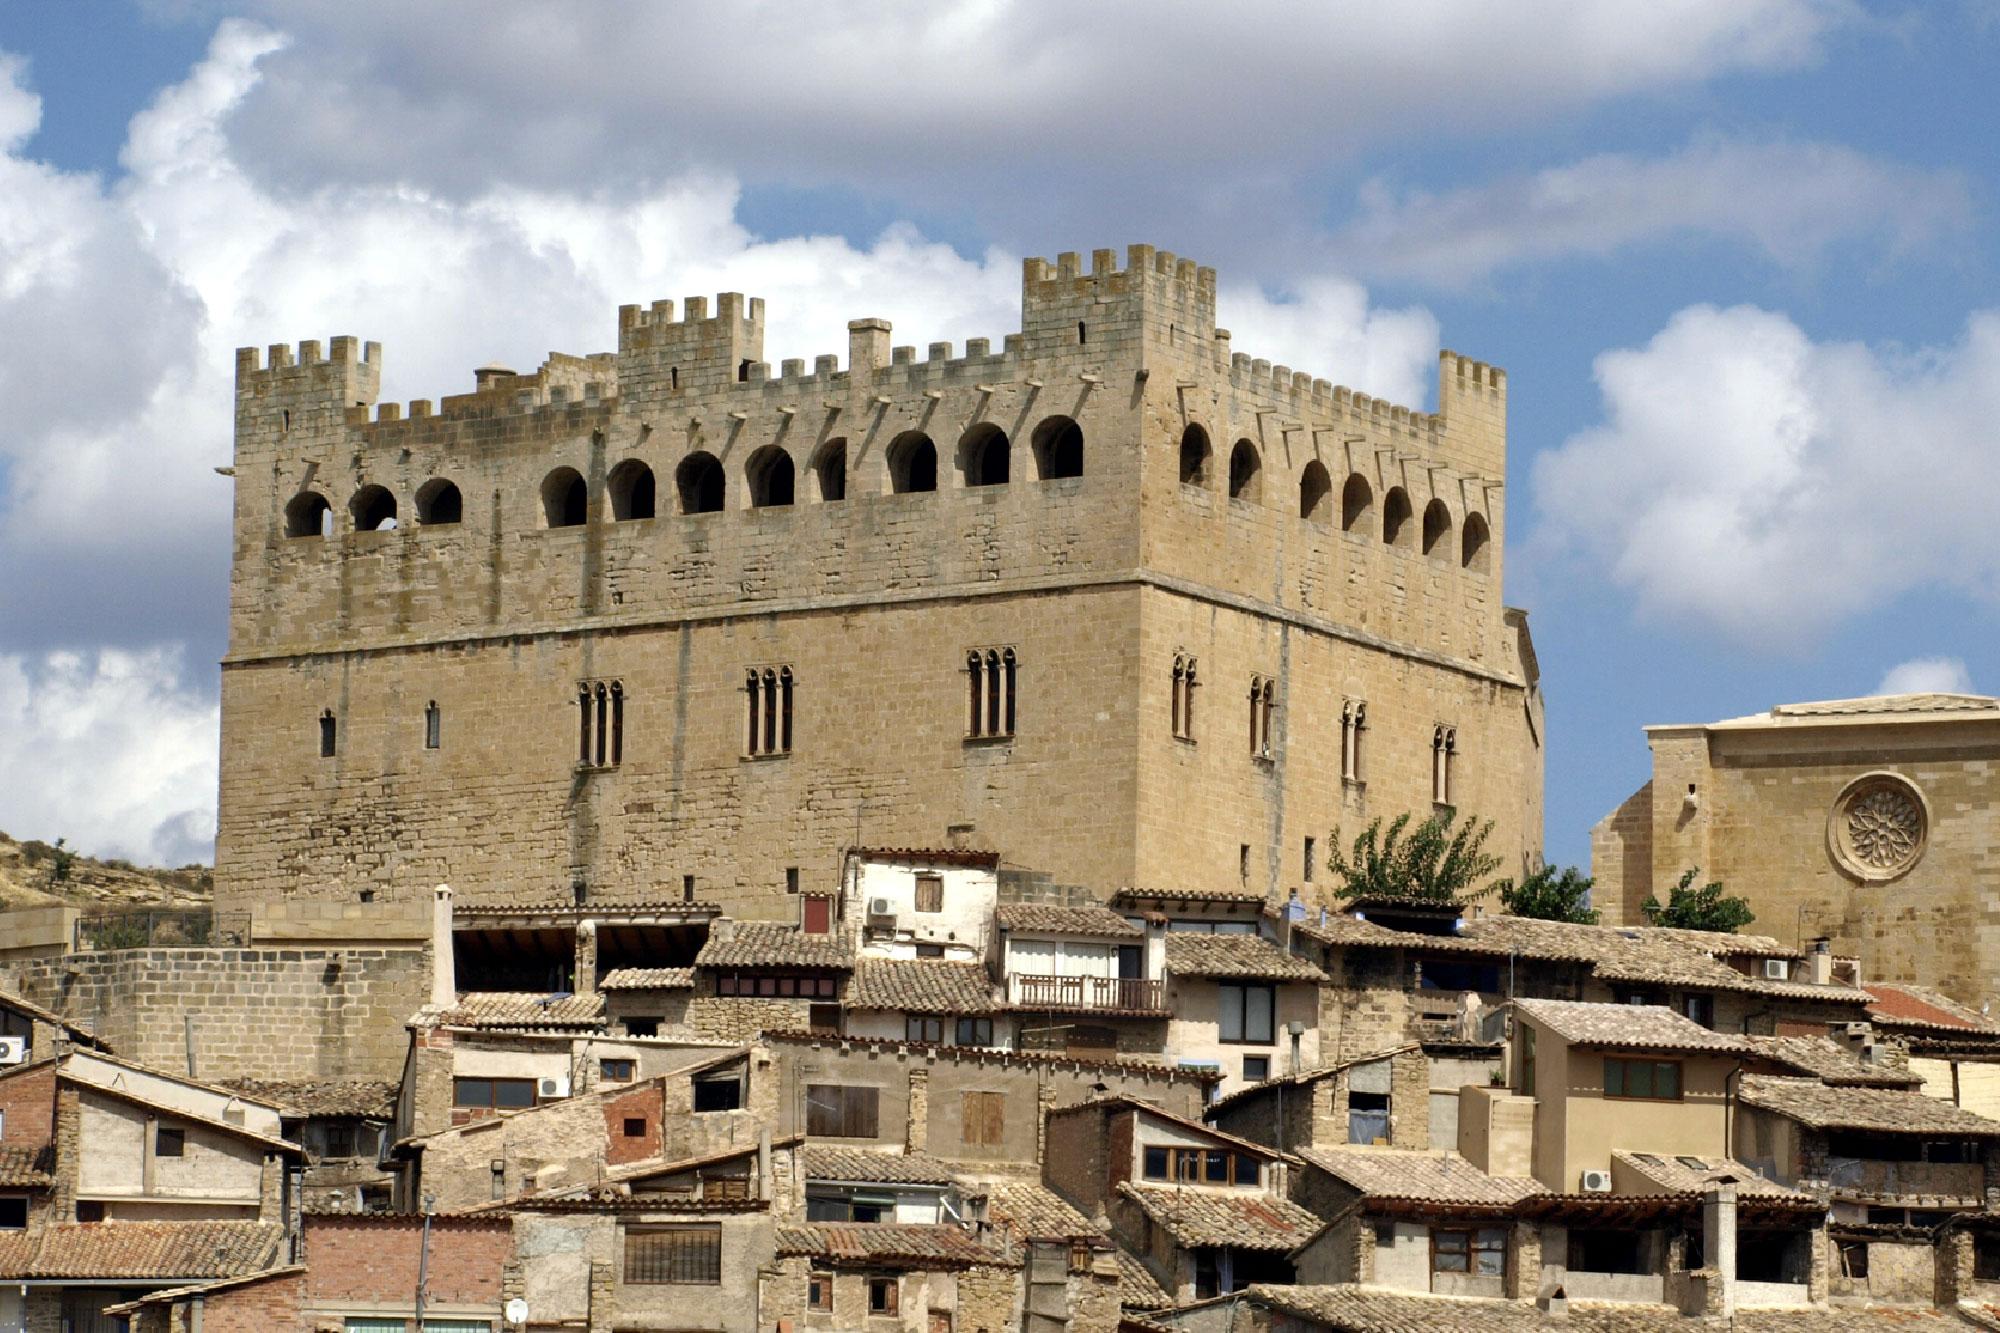 Castillo-Palacio de Valderrobres en la comarca del Matarranya en Teruel